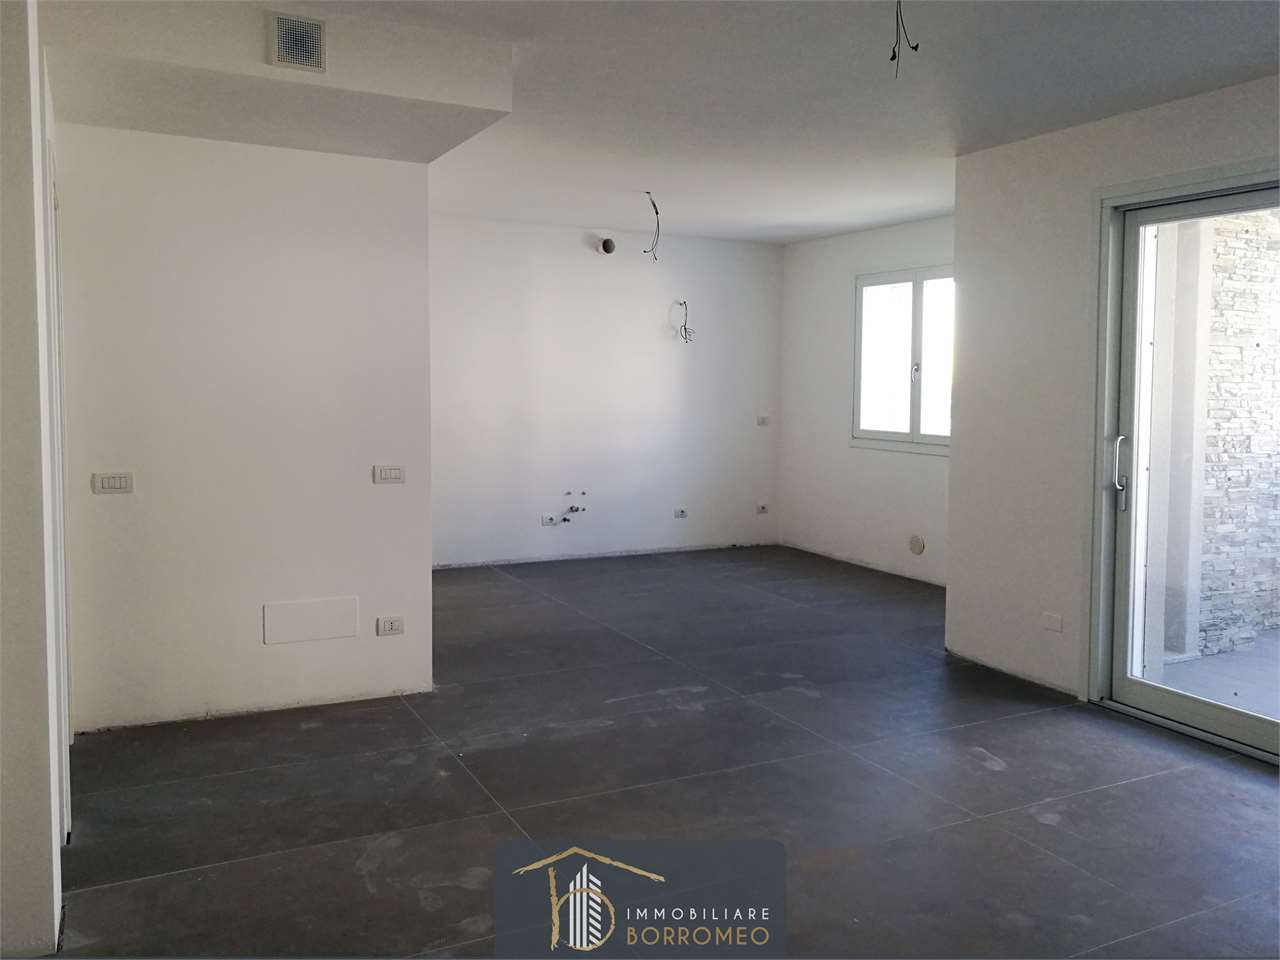 Vendita Trilocale Appartamento Cesano Maderno via Torretta 30 96025